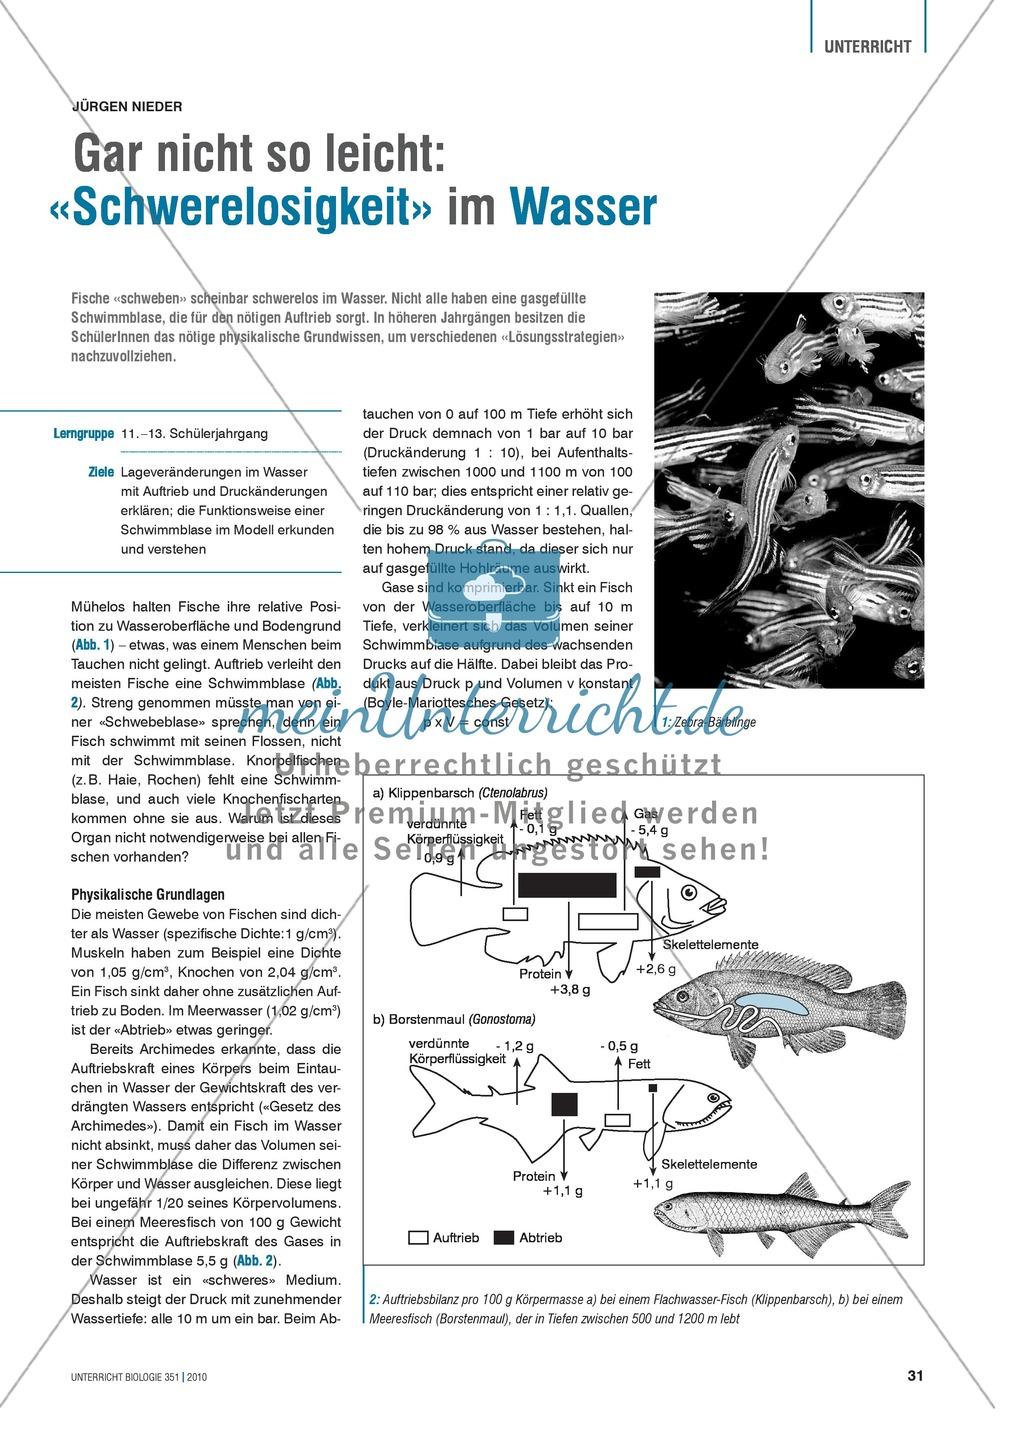 Die Funktionsweise der Schwimmblase im Modell erkunden und verstehen ...